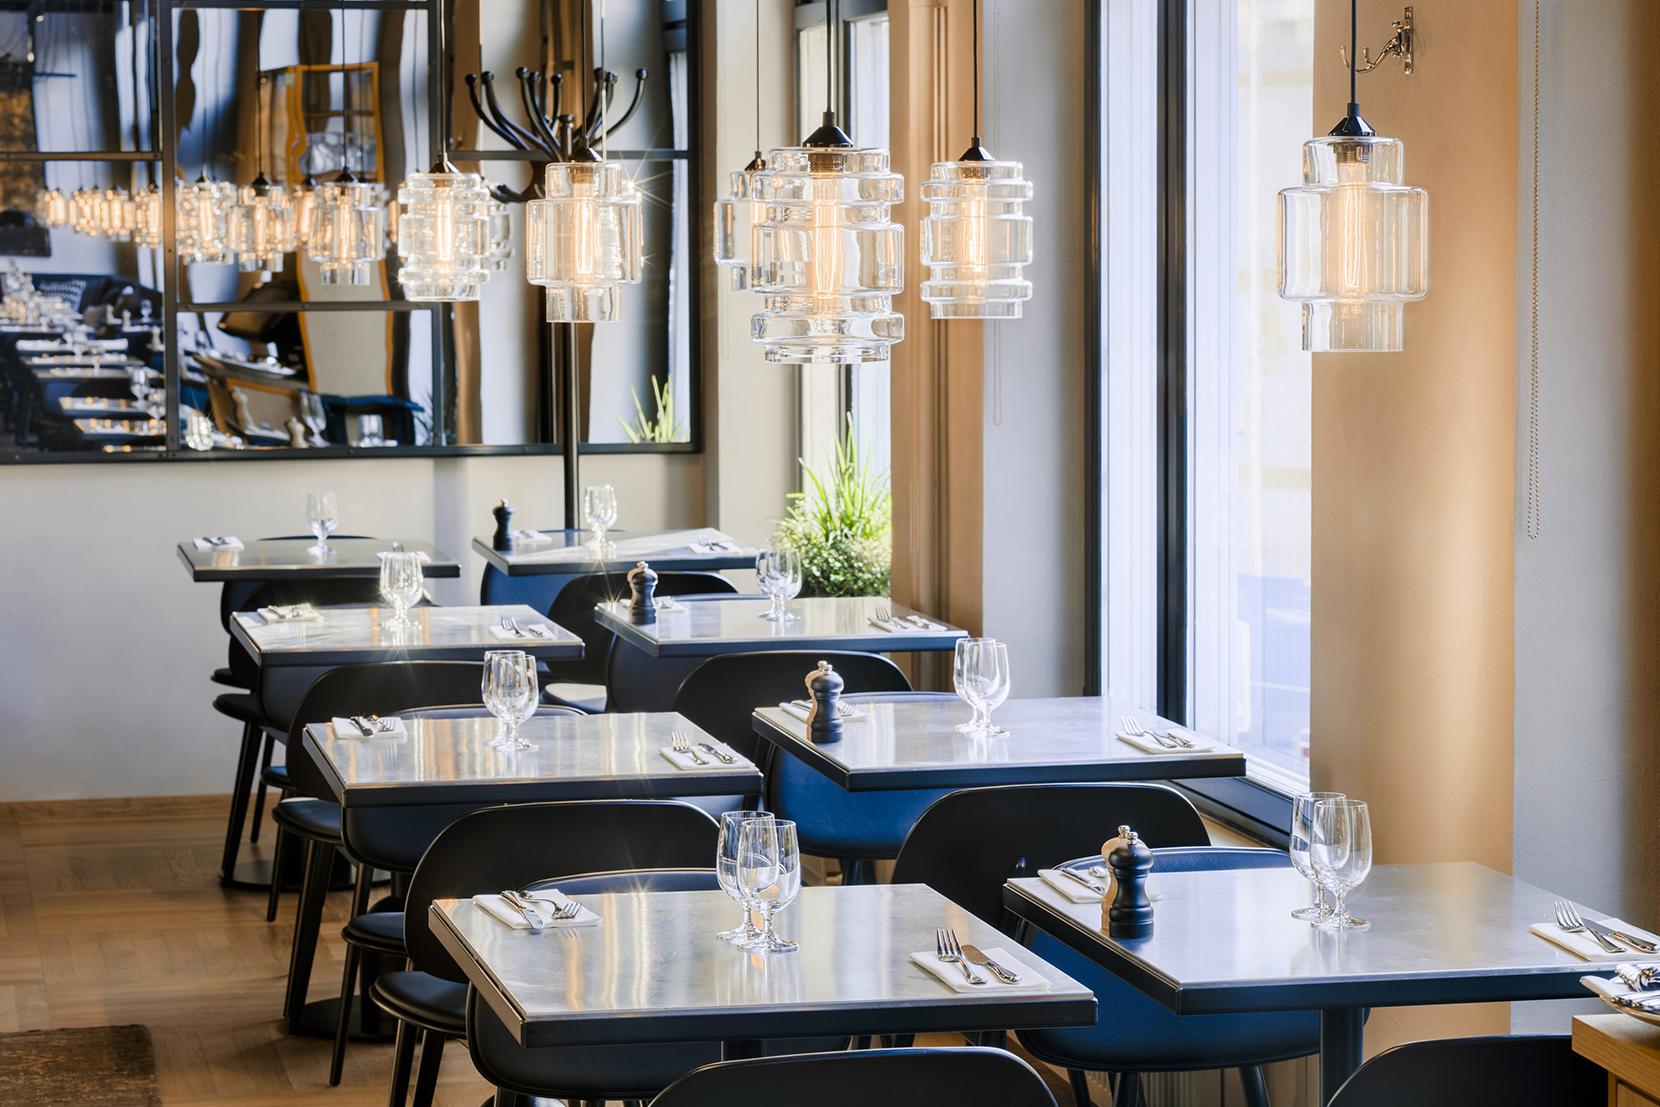 pendant lighting for restaurants. + Read More Pendant Lighting For Restaurants L